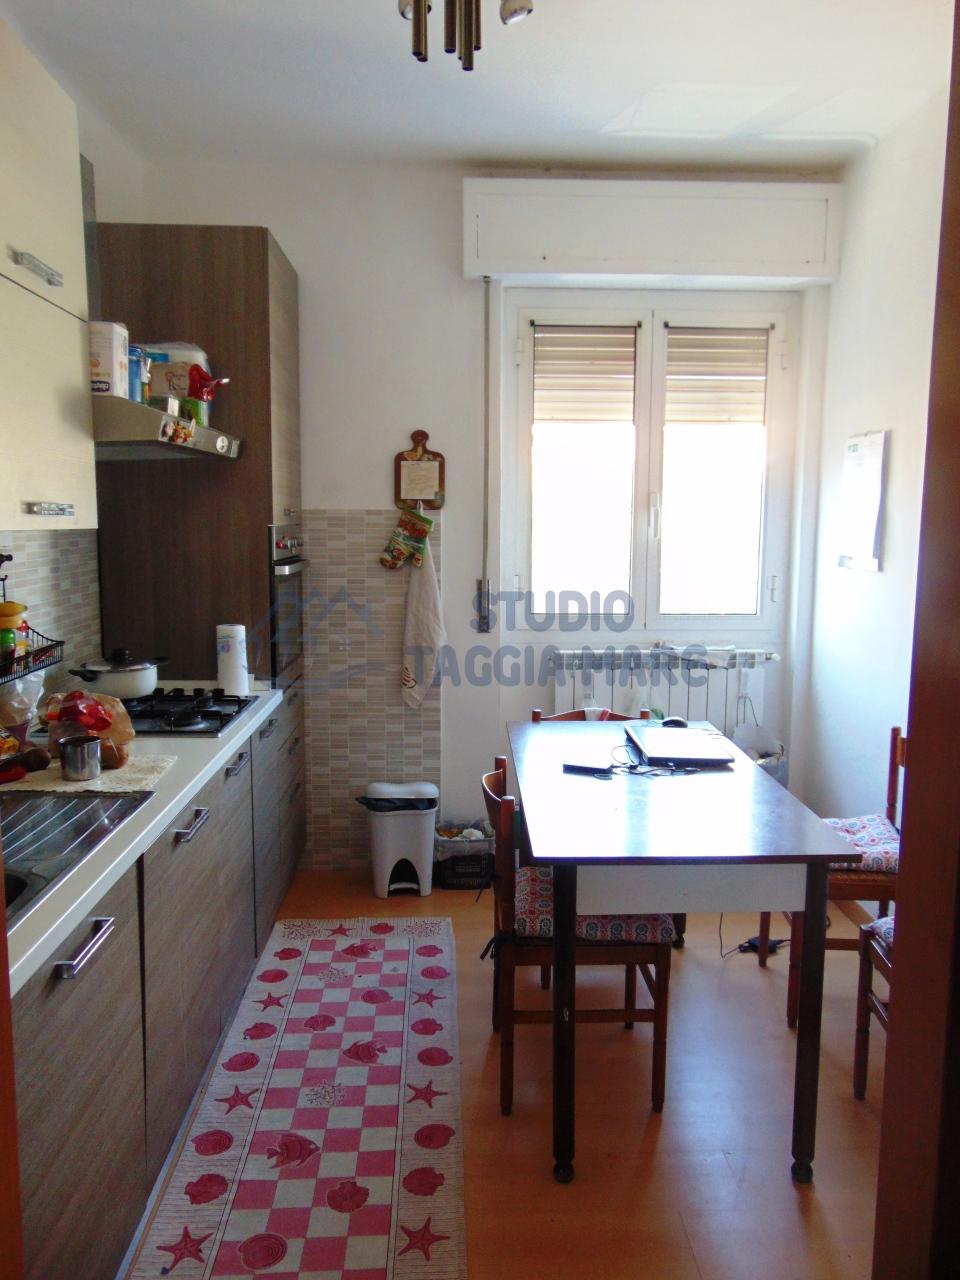 Appartamento in vendita a Taggia, 3 locali, prezzo € 200.000 | Cambio Casa.it